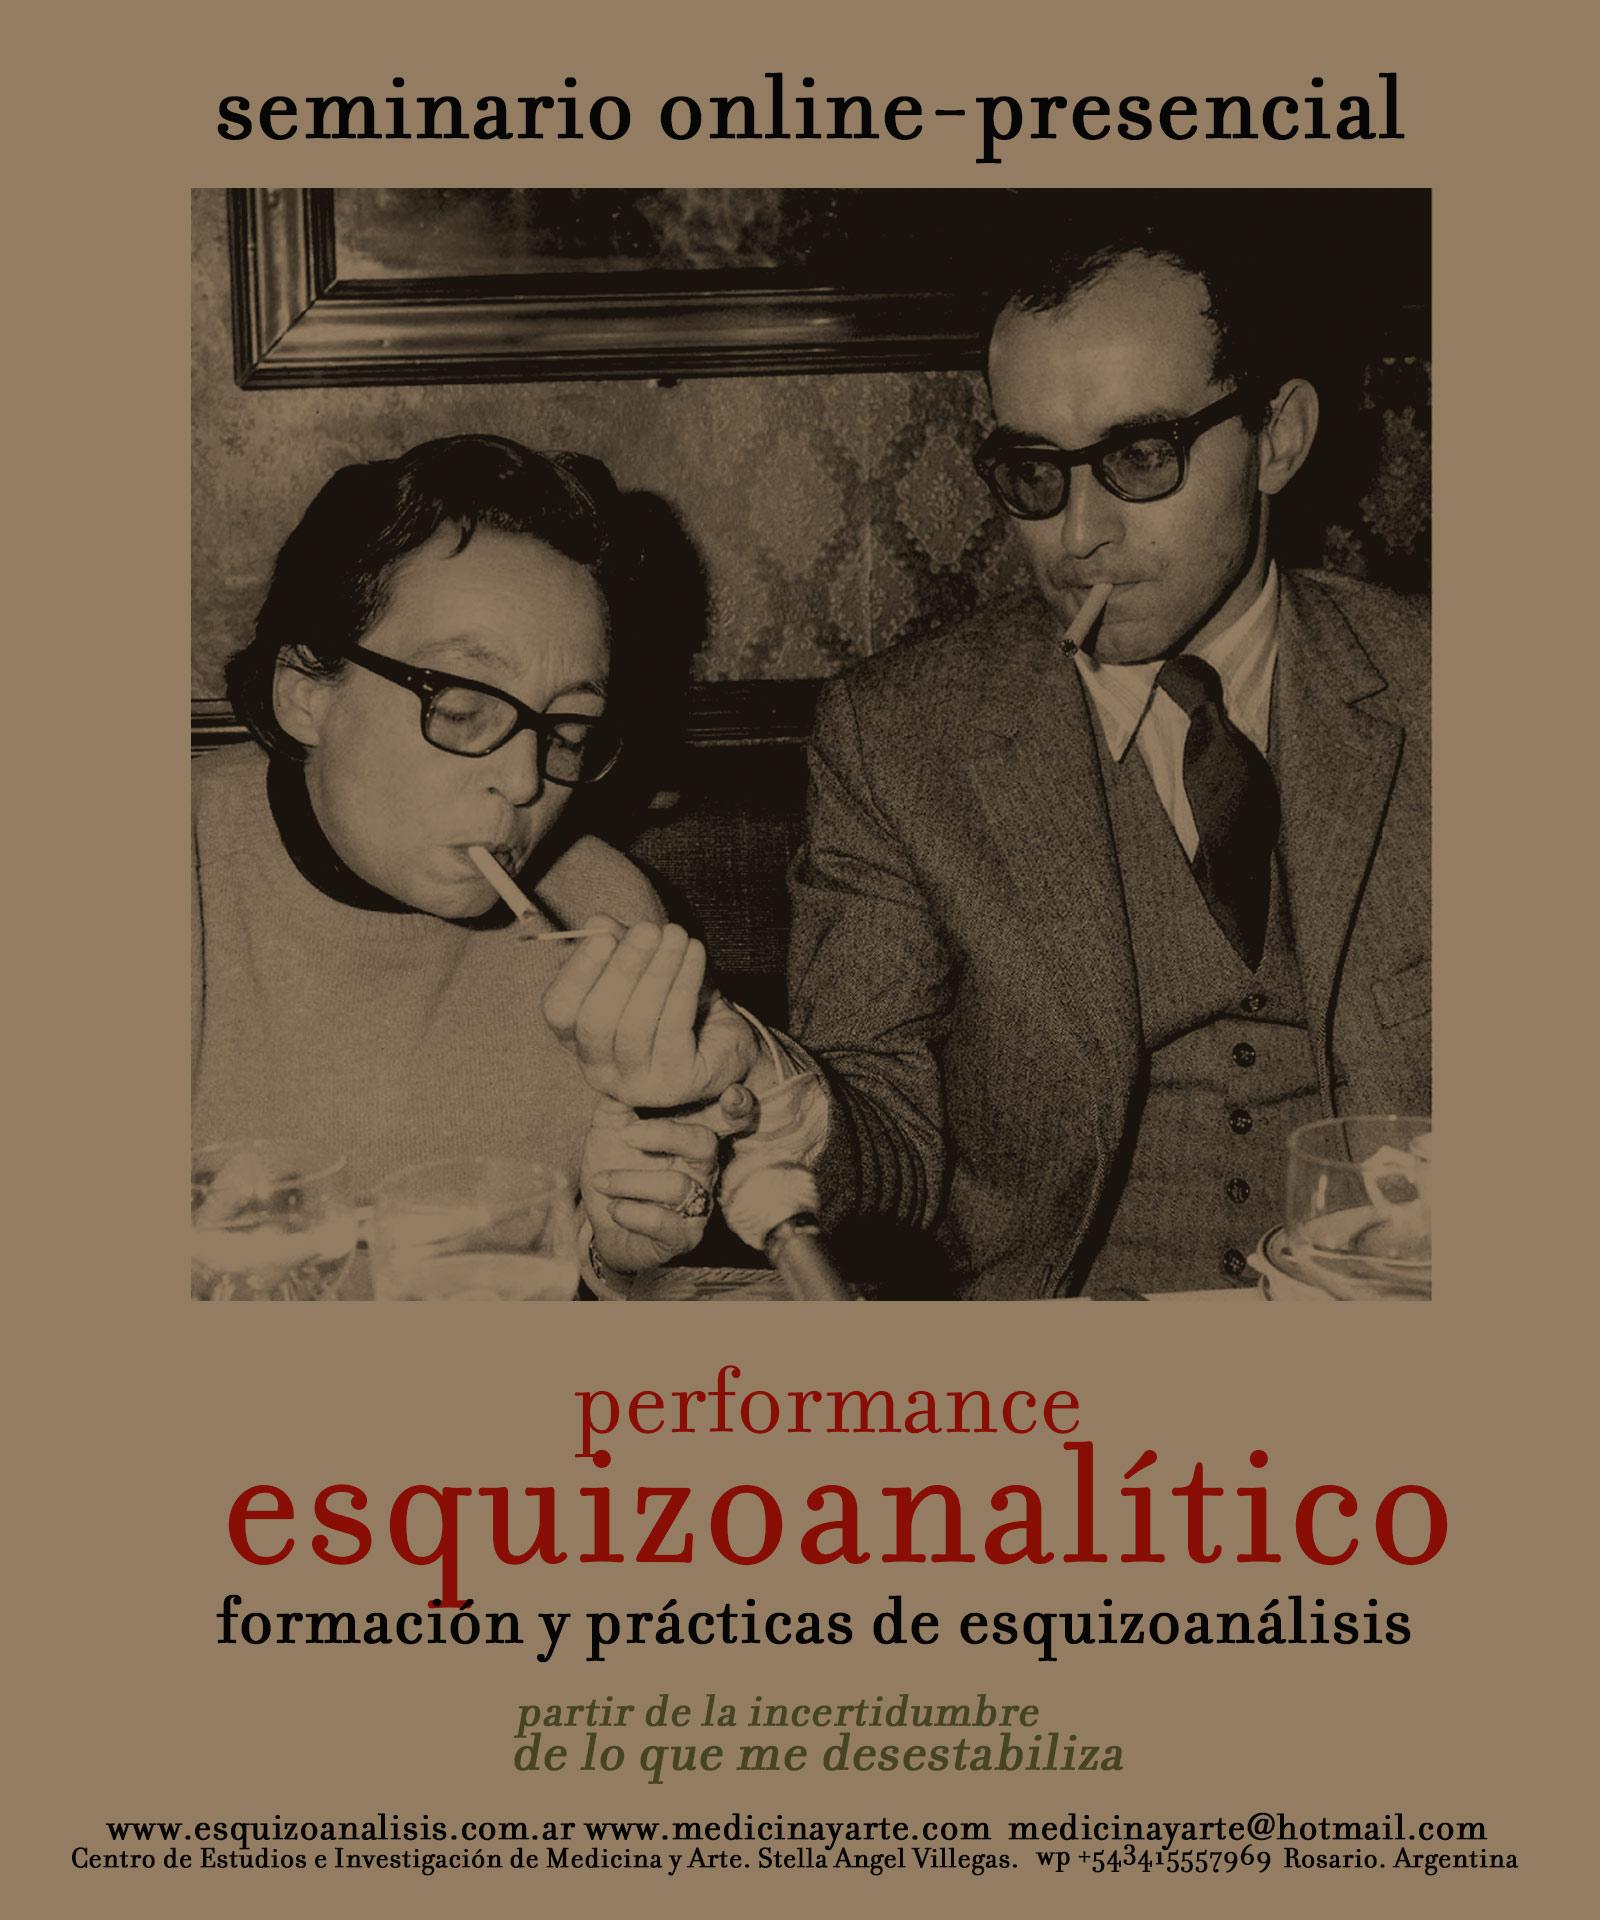 http://medicinayarte.com/img/performance-esquizoanalitico3.jpg